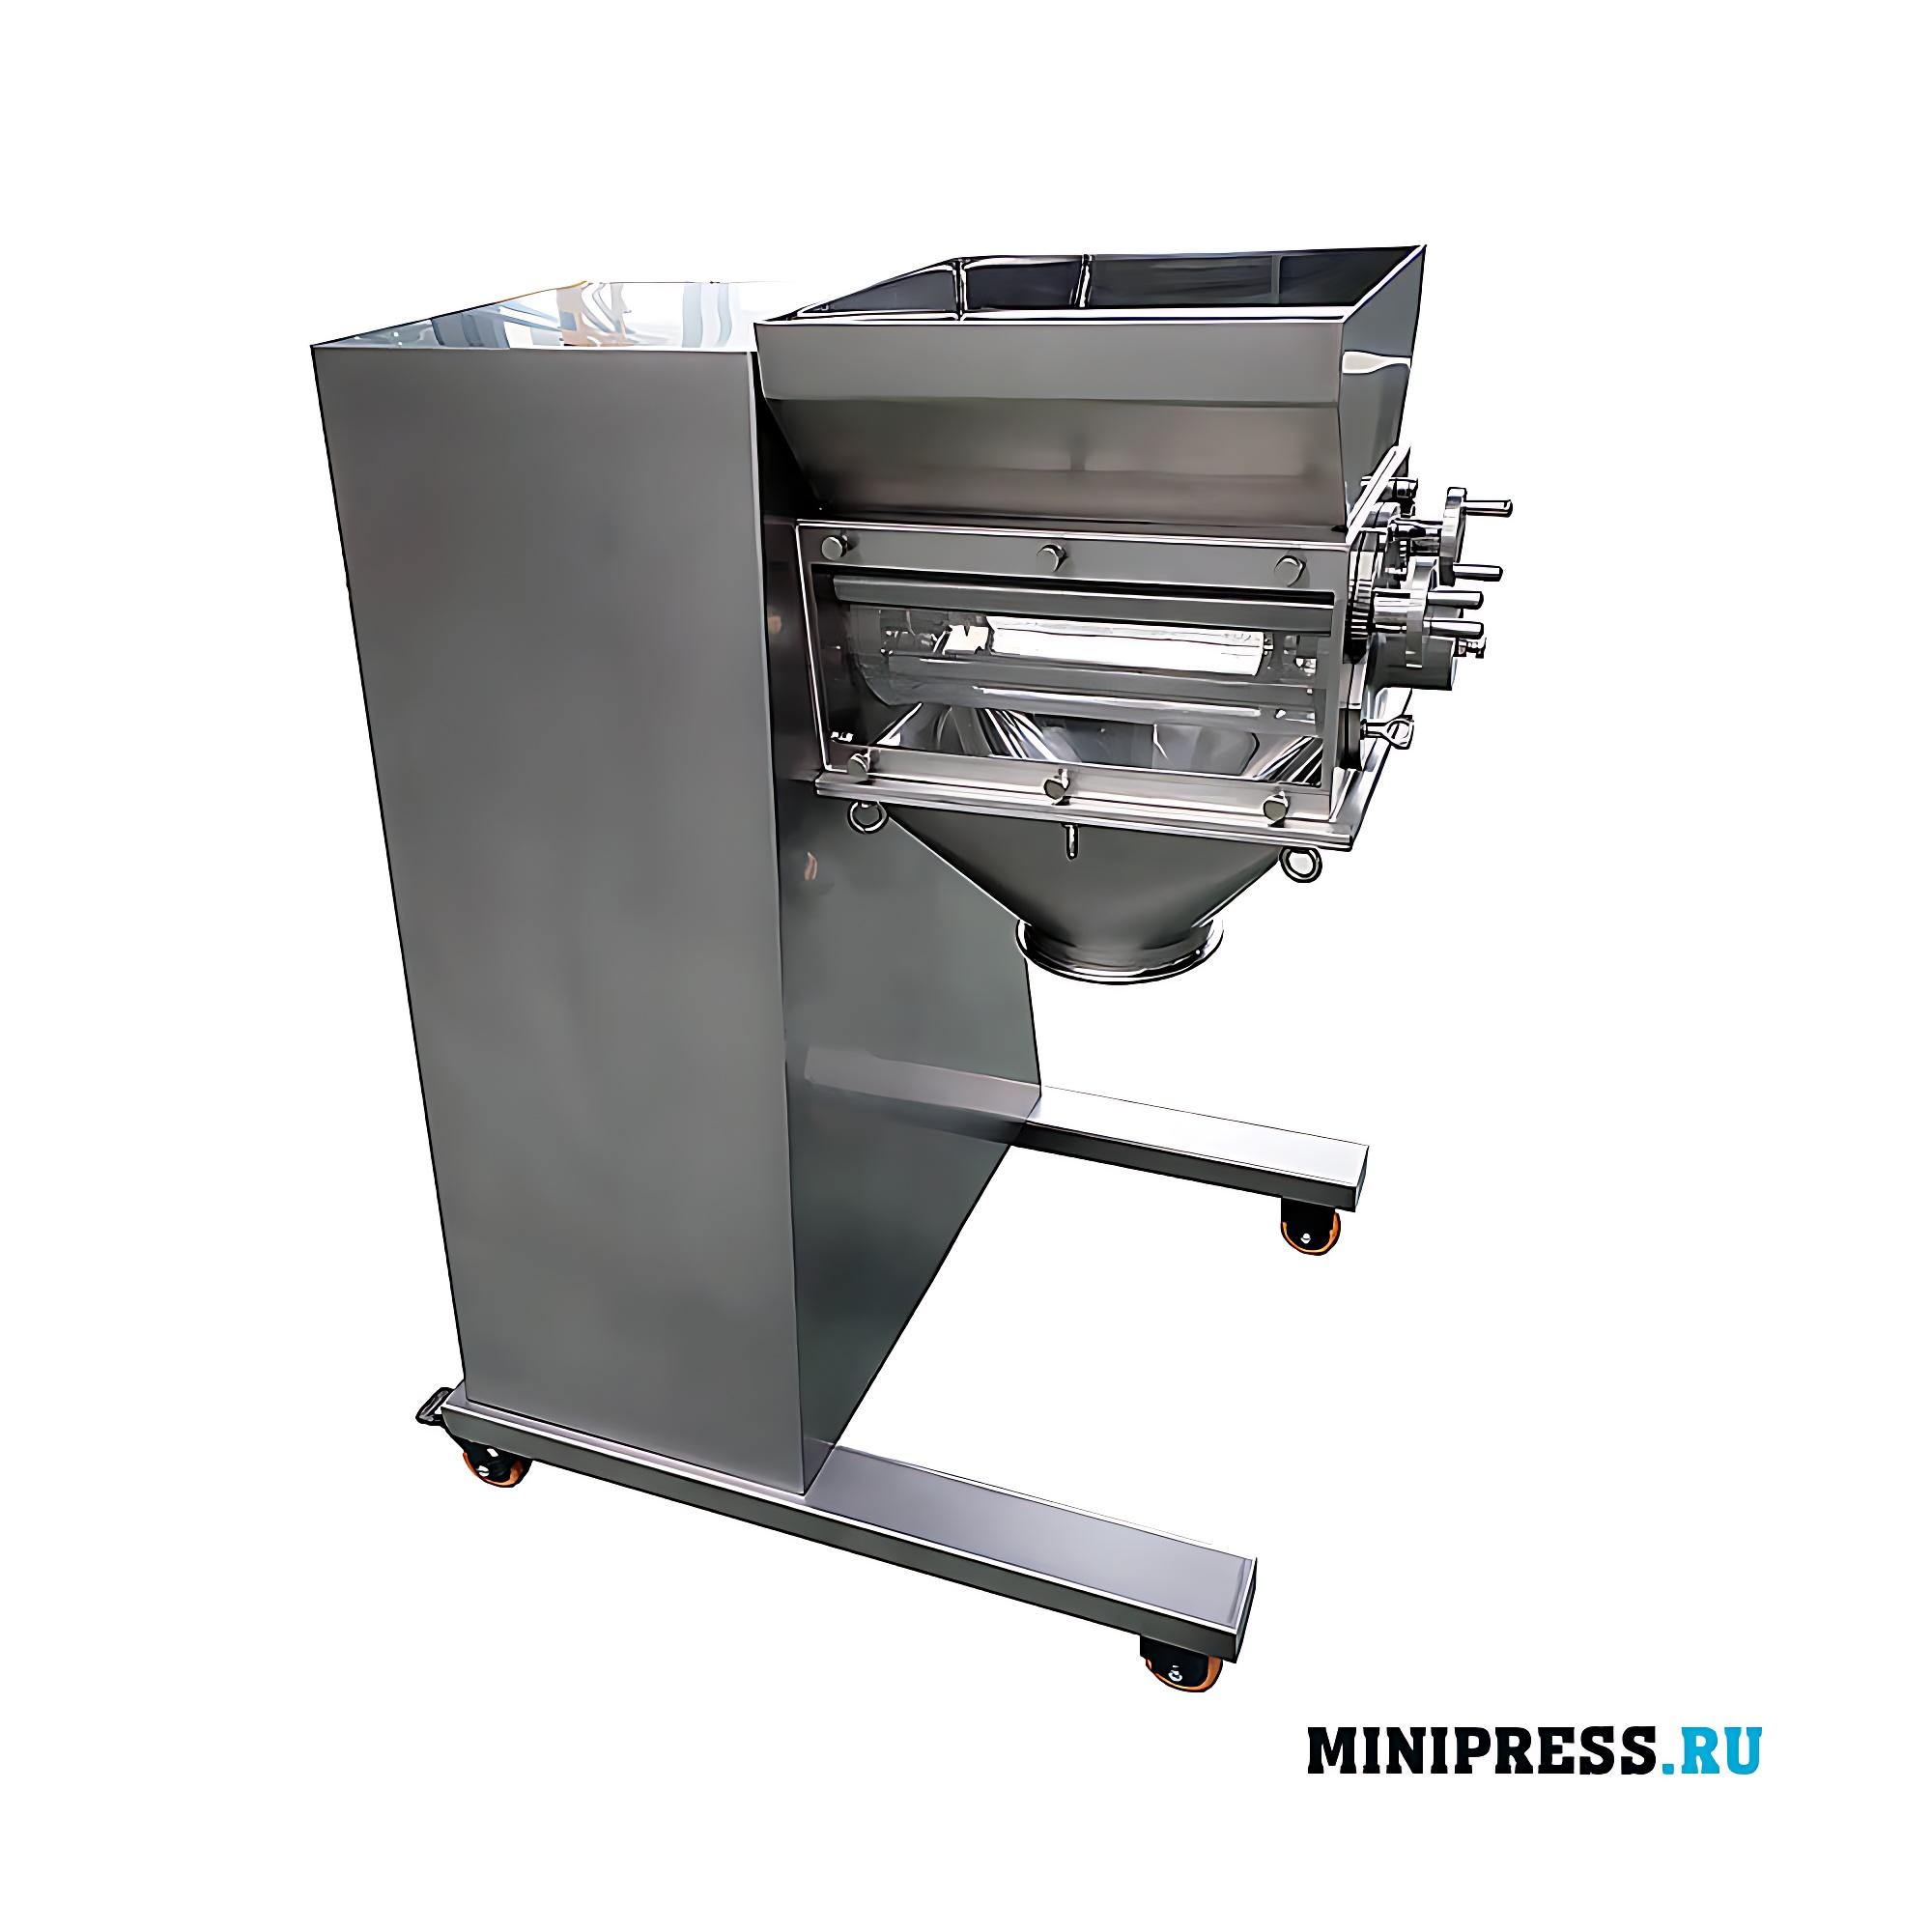 Гранулятор для сухого и влажного гранулирования порошков YR-250